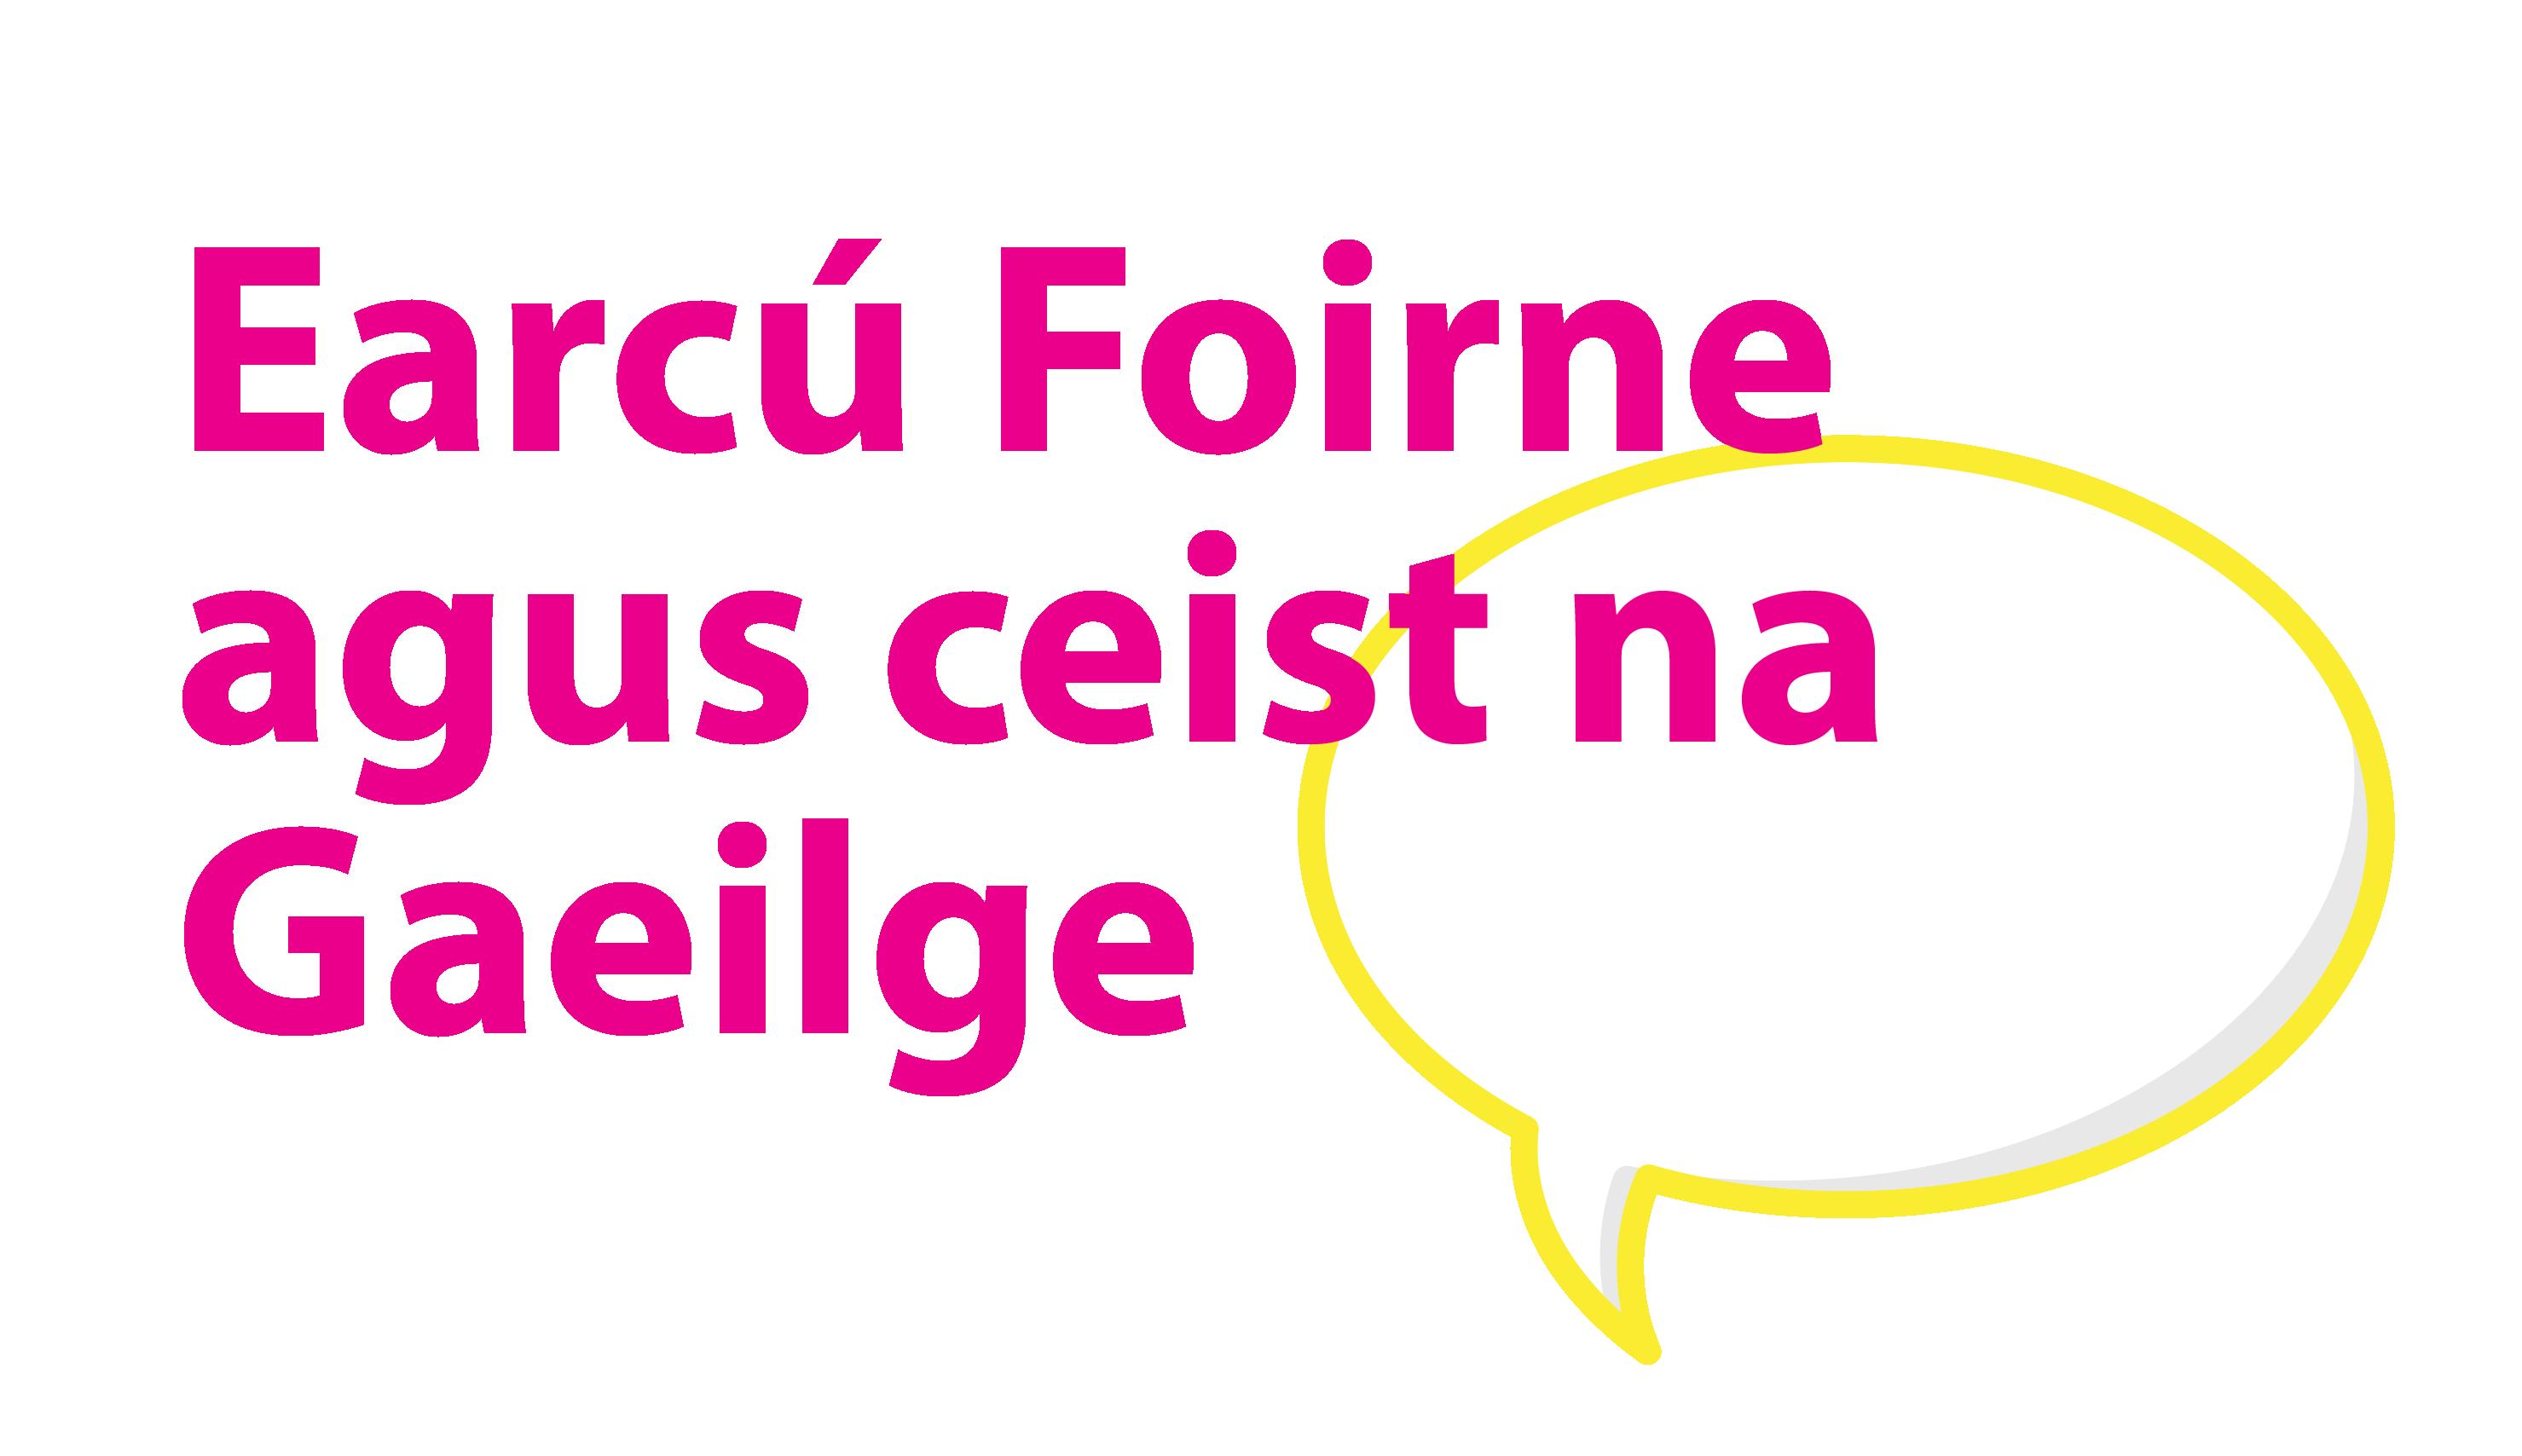 Earcú Foirne agus ceist na Gaeilge